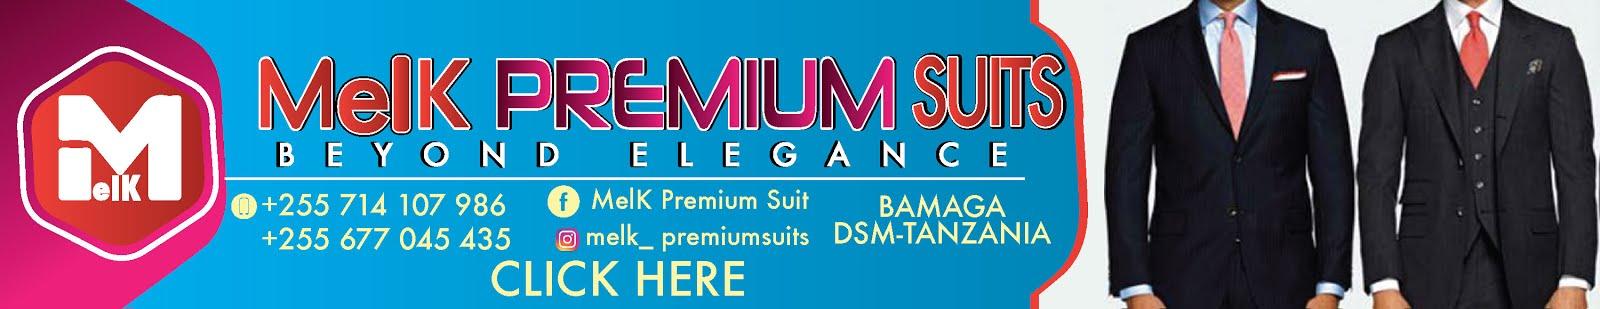 MelK Premium Suits